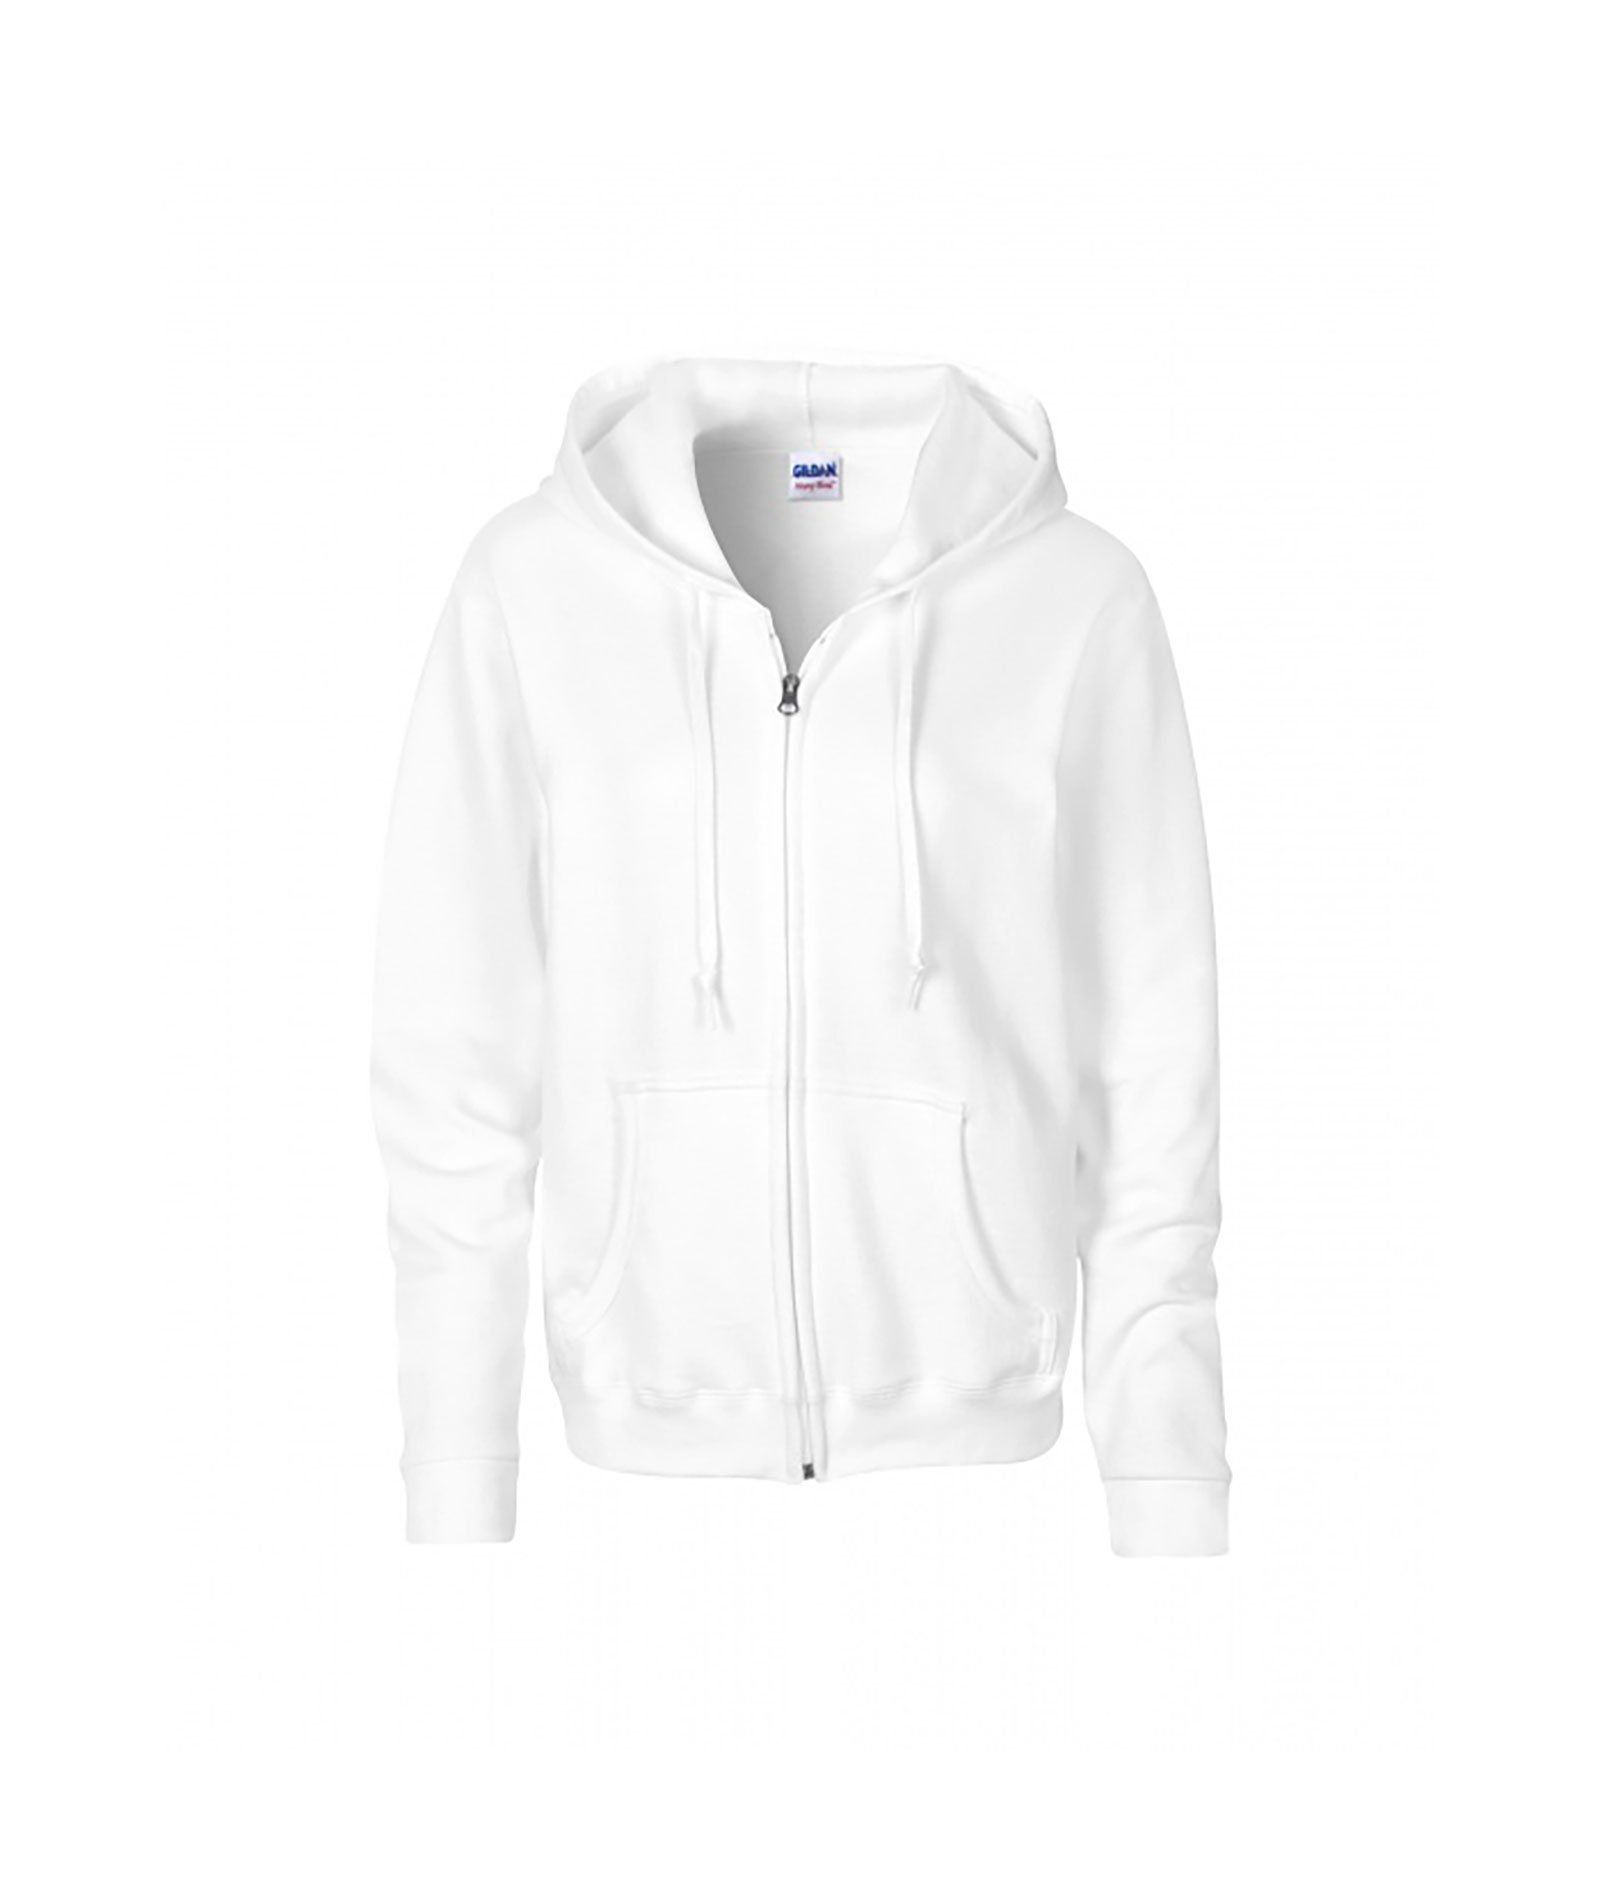 Gildan Youth Zip Up Hoodie In White Grey Or Light Grey Hoodies Womens Hoodies Hooded Sweatshirts [ 1900 x 1600 Pixel ]